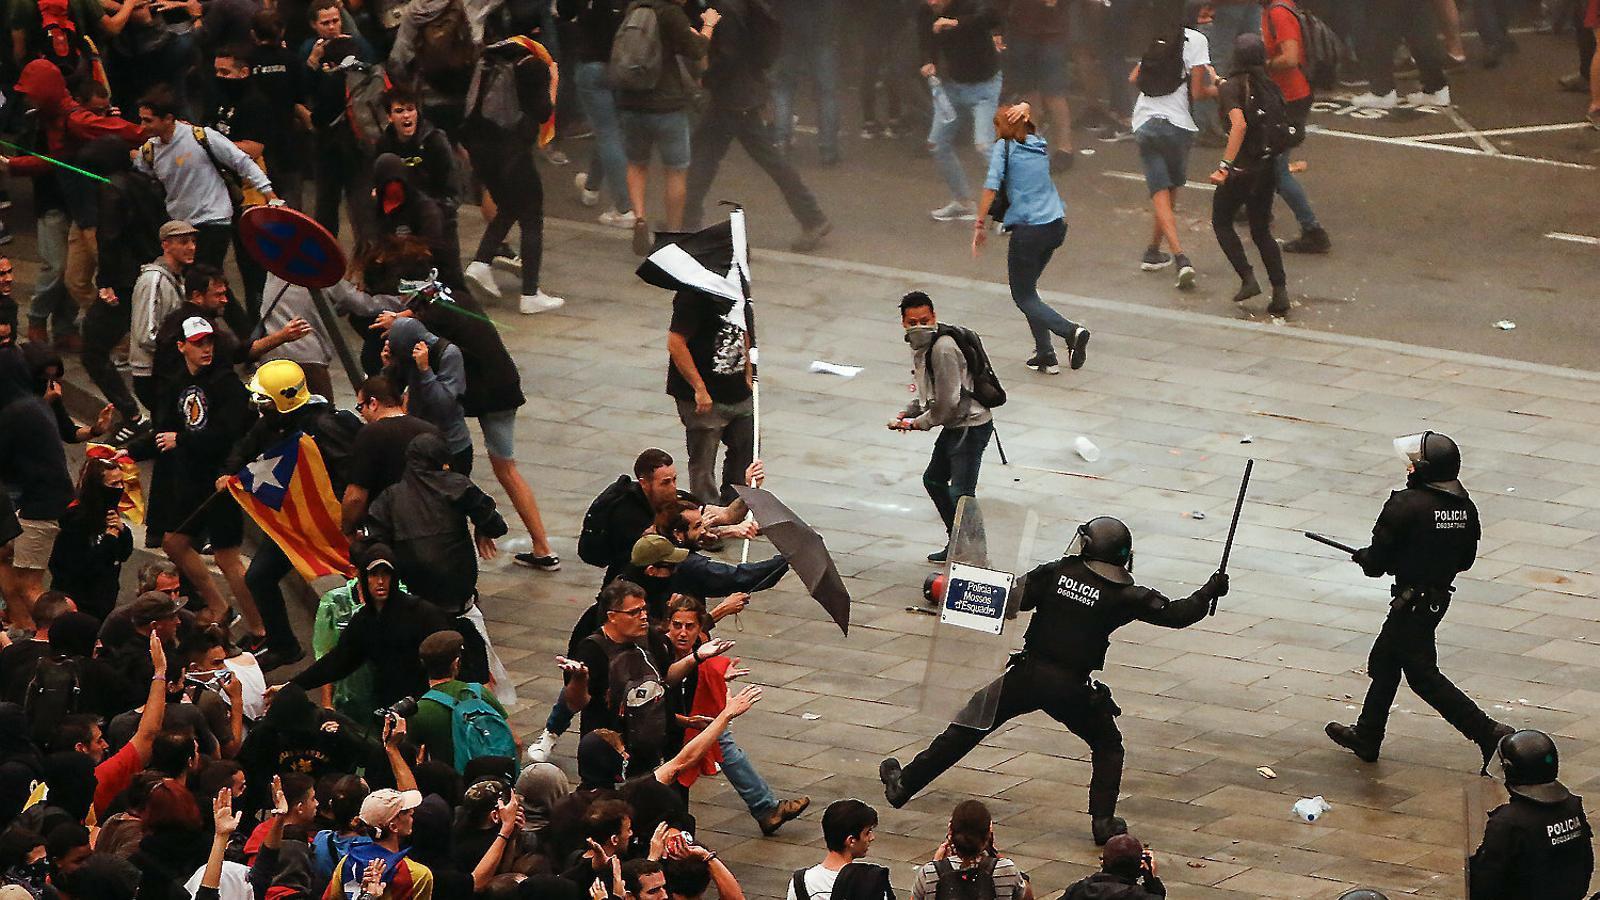 La protesta supera el Govern